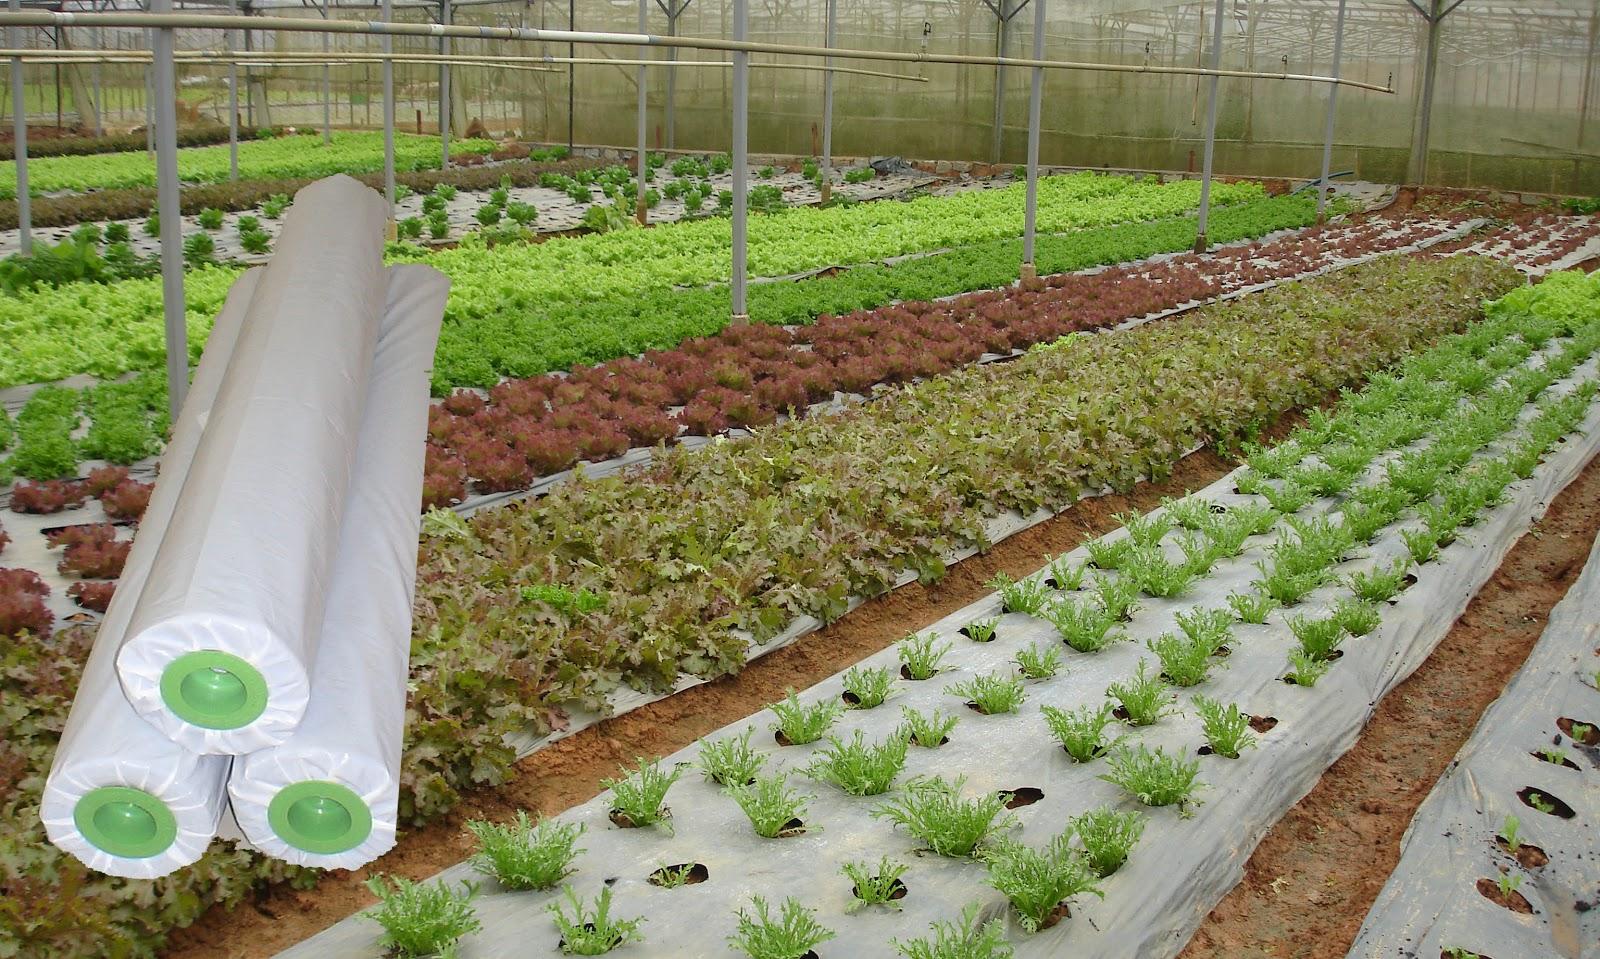 Màng phủ nông nghiệp giá rẻ chất lượng cao tại Hà Nội